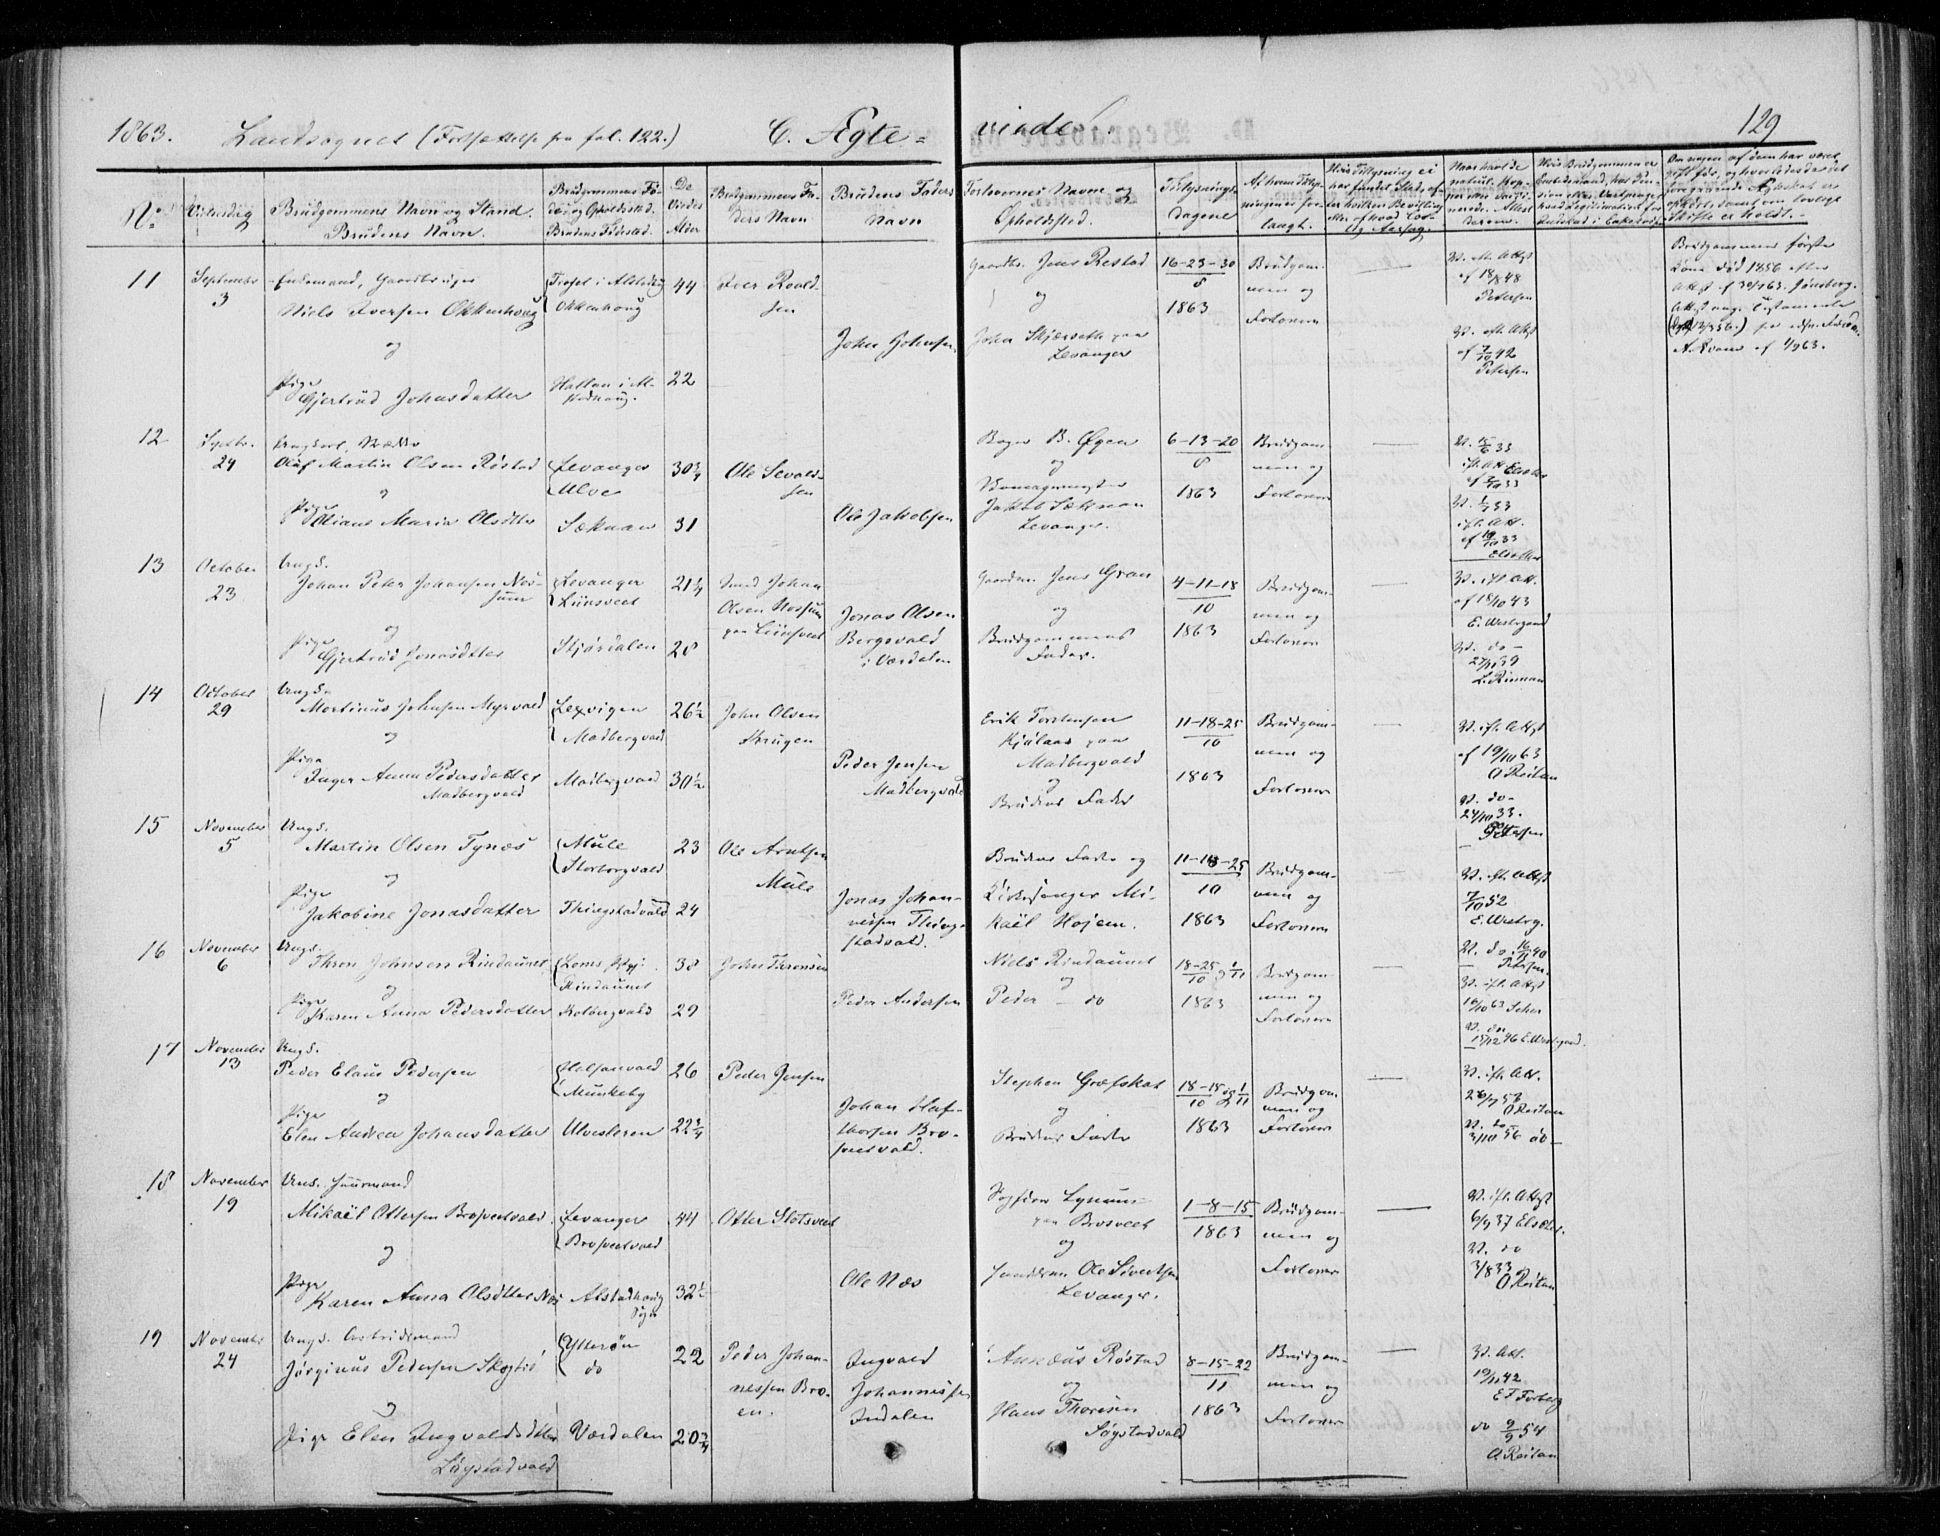 SAT, Ministerialprotokoller, klokkerbøker og fødselsregistre - Nord-Trøndelag, 720/L0184: Ministerialbok nr. 720A02 /2, 1855-1863, s. 129